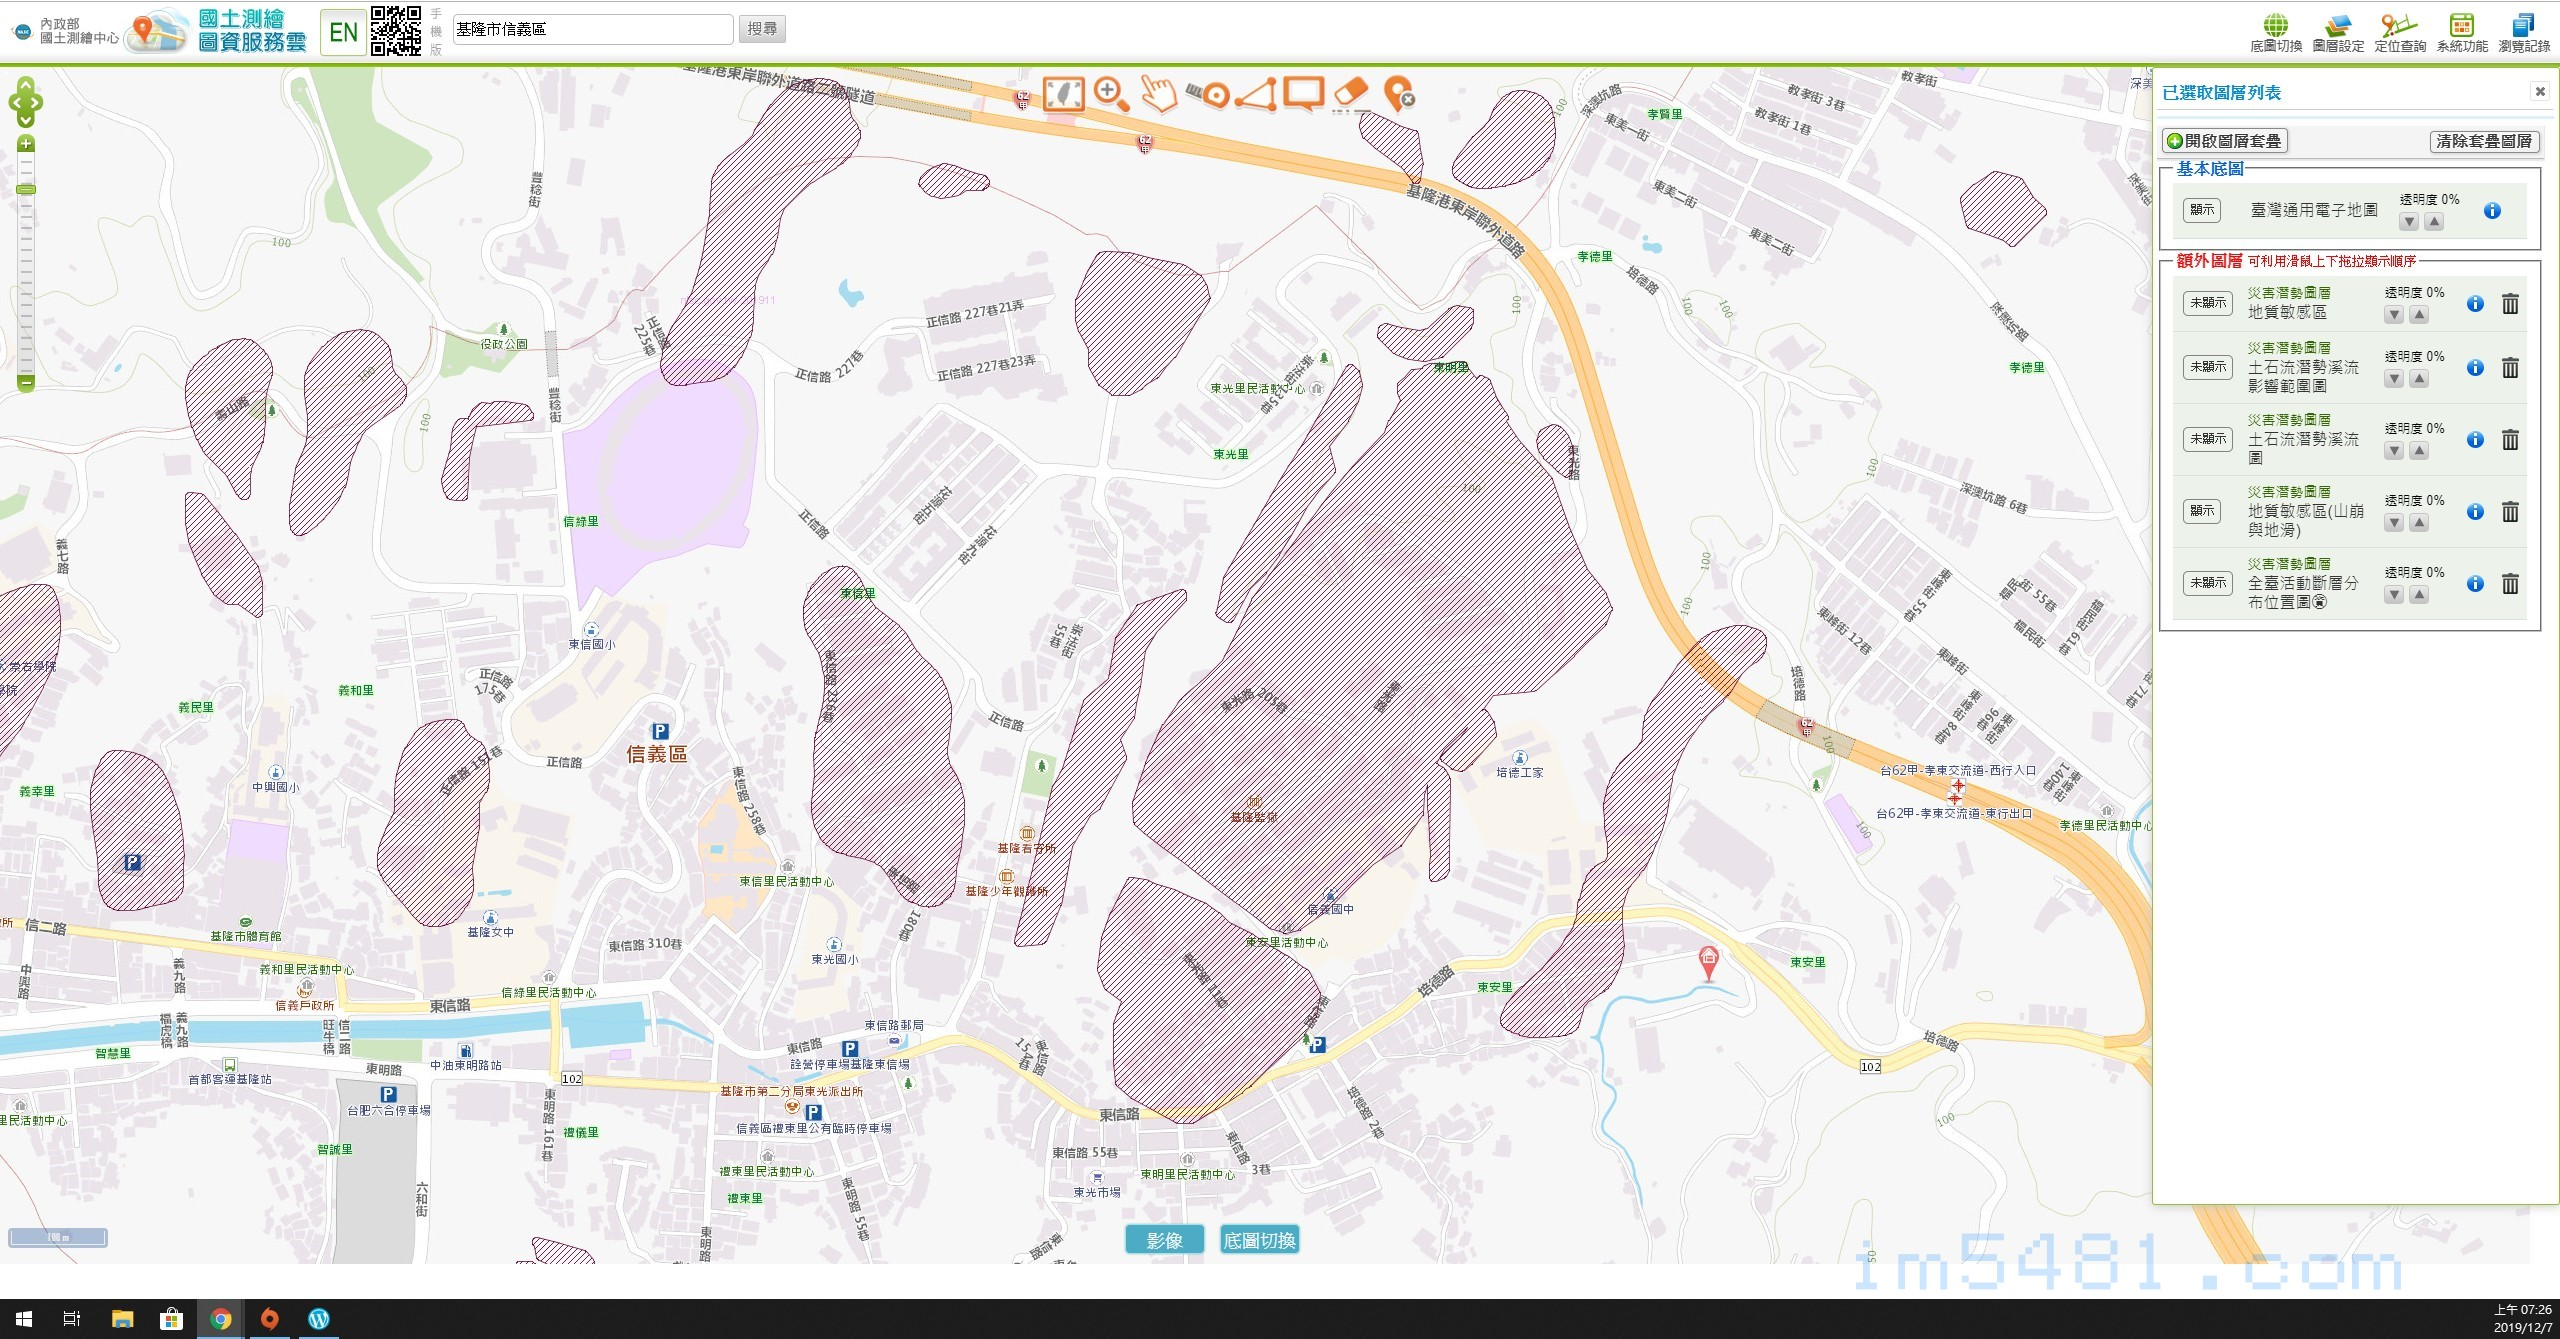 基隆信義區崇法街與東光路附近的地質敏感區(山崩與地滑)